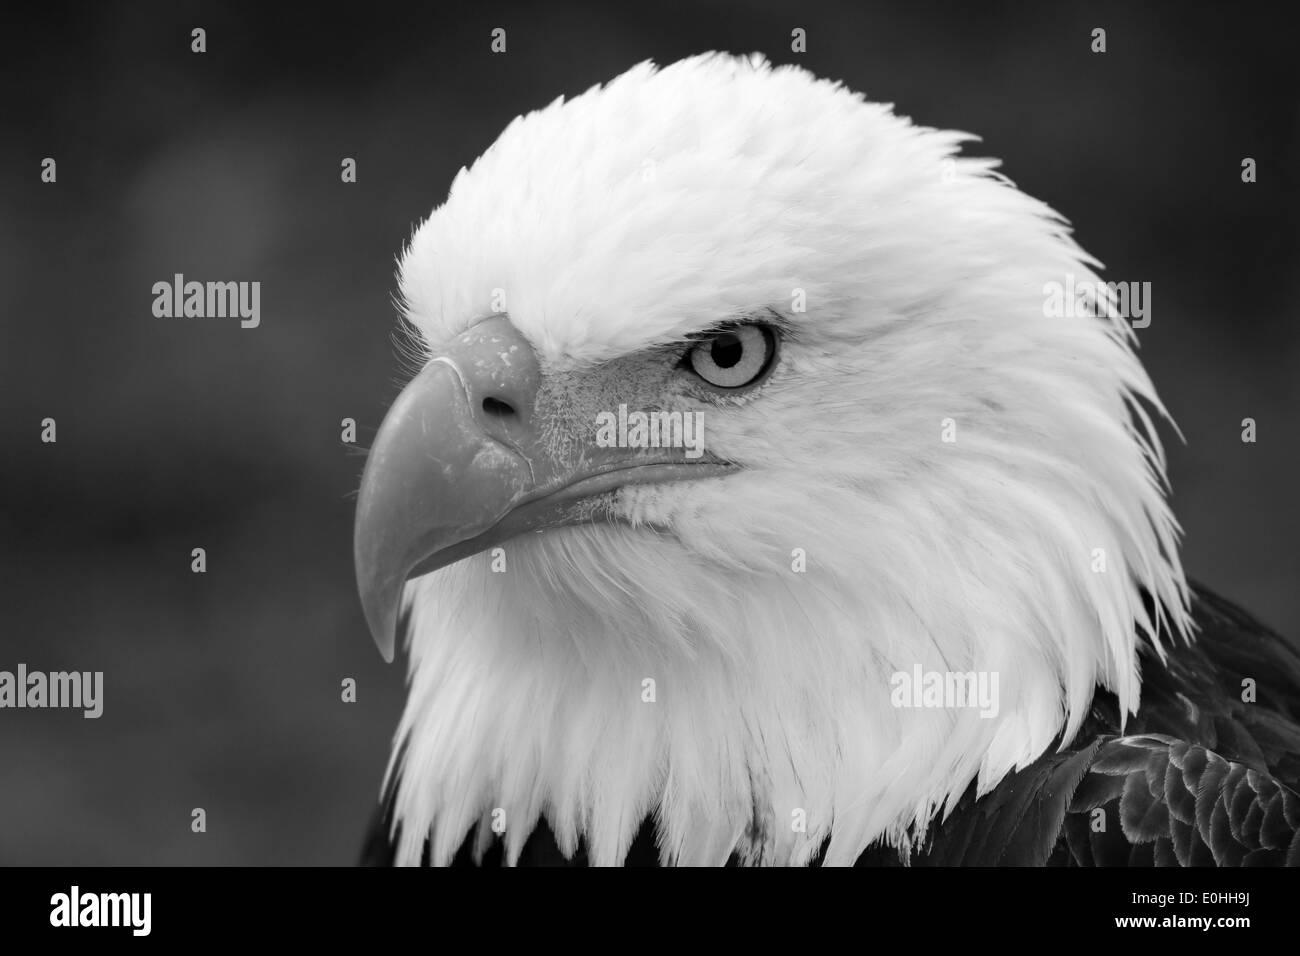 An american bald eagle at an outdoor bird sanctuary near otavalo ecuador stock image